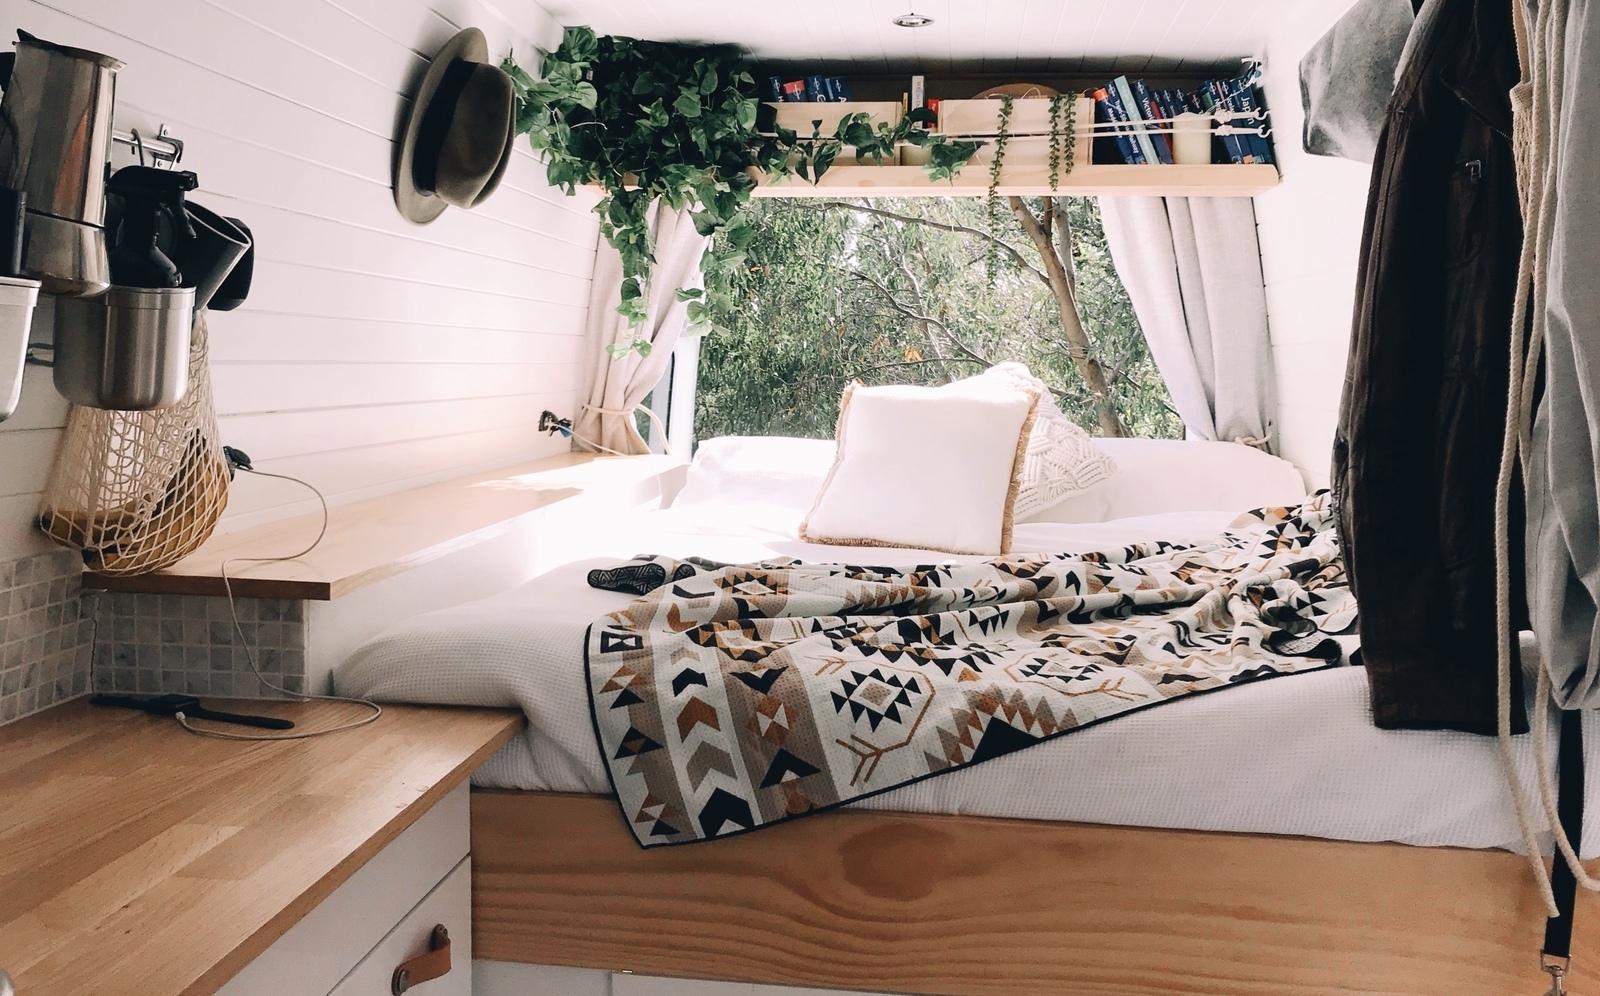 The Roaming Van - Cover Image